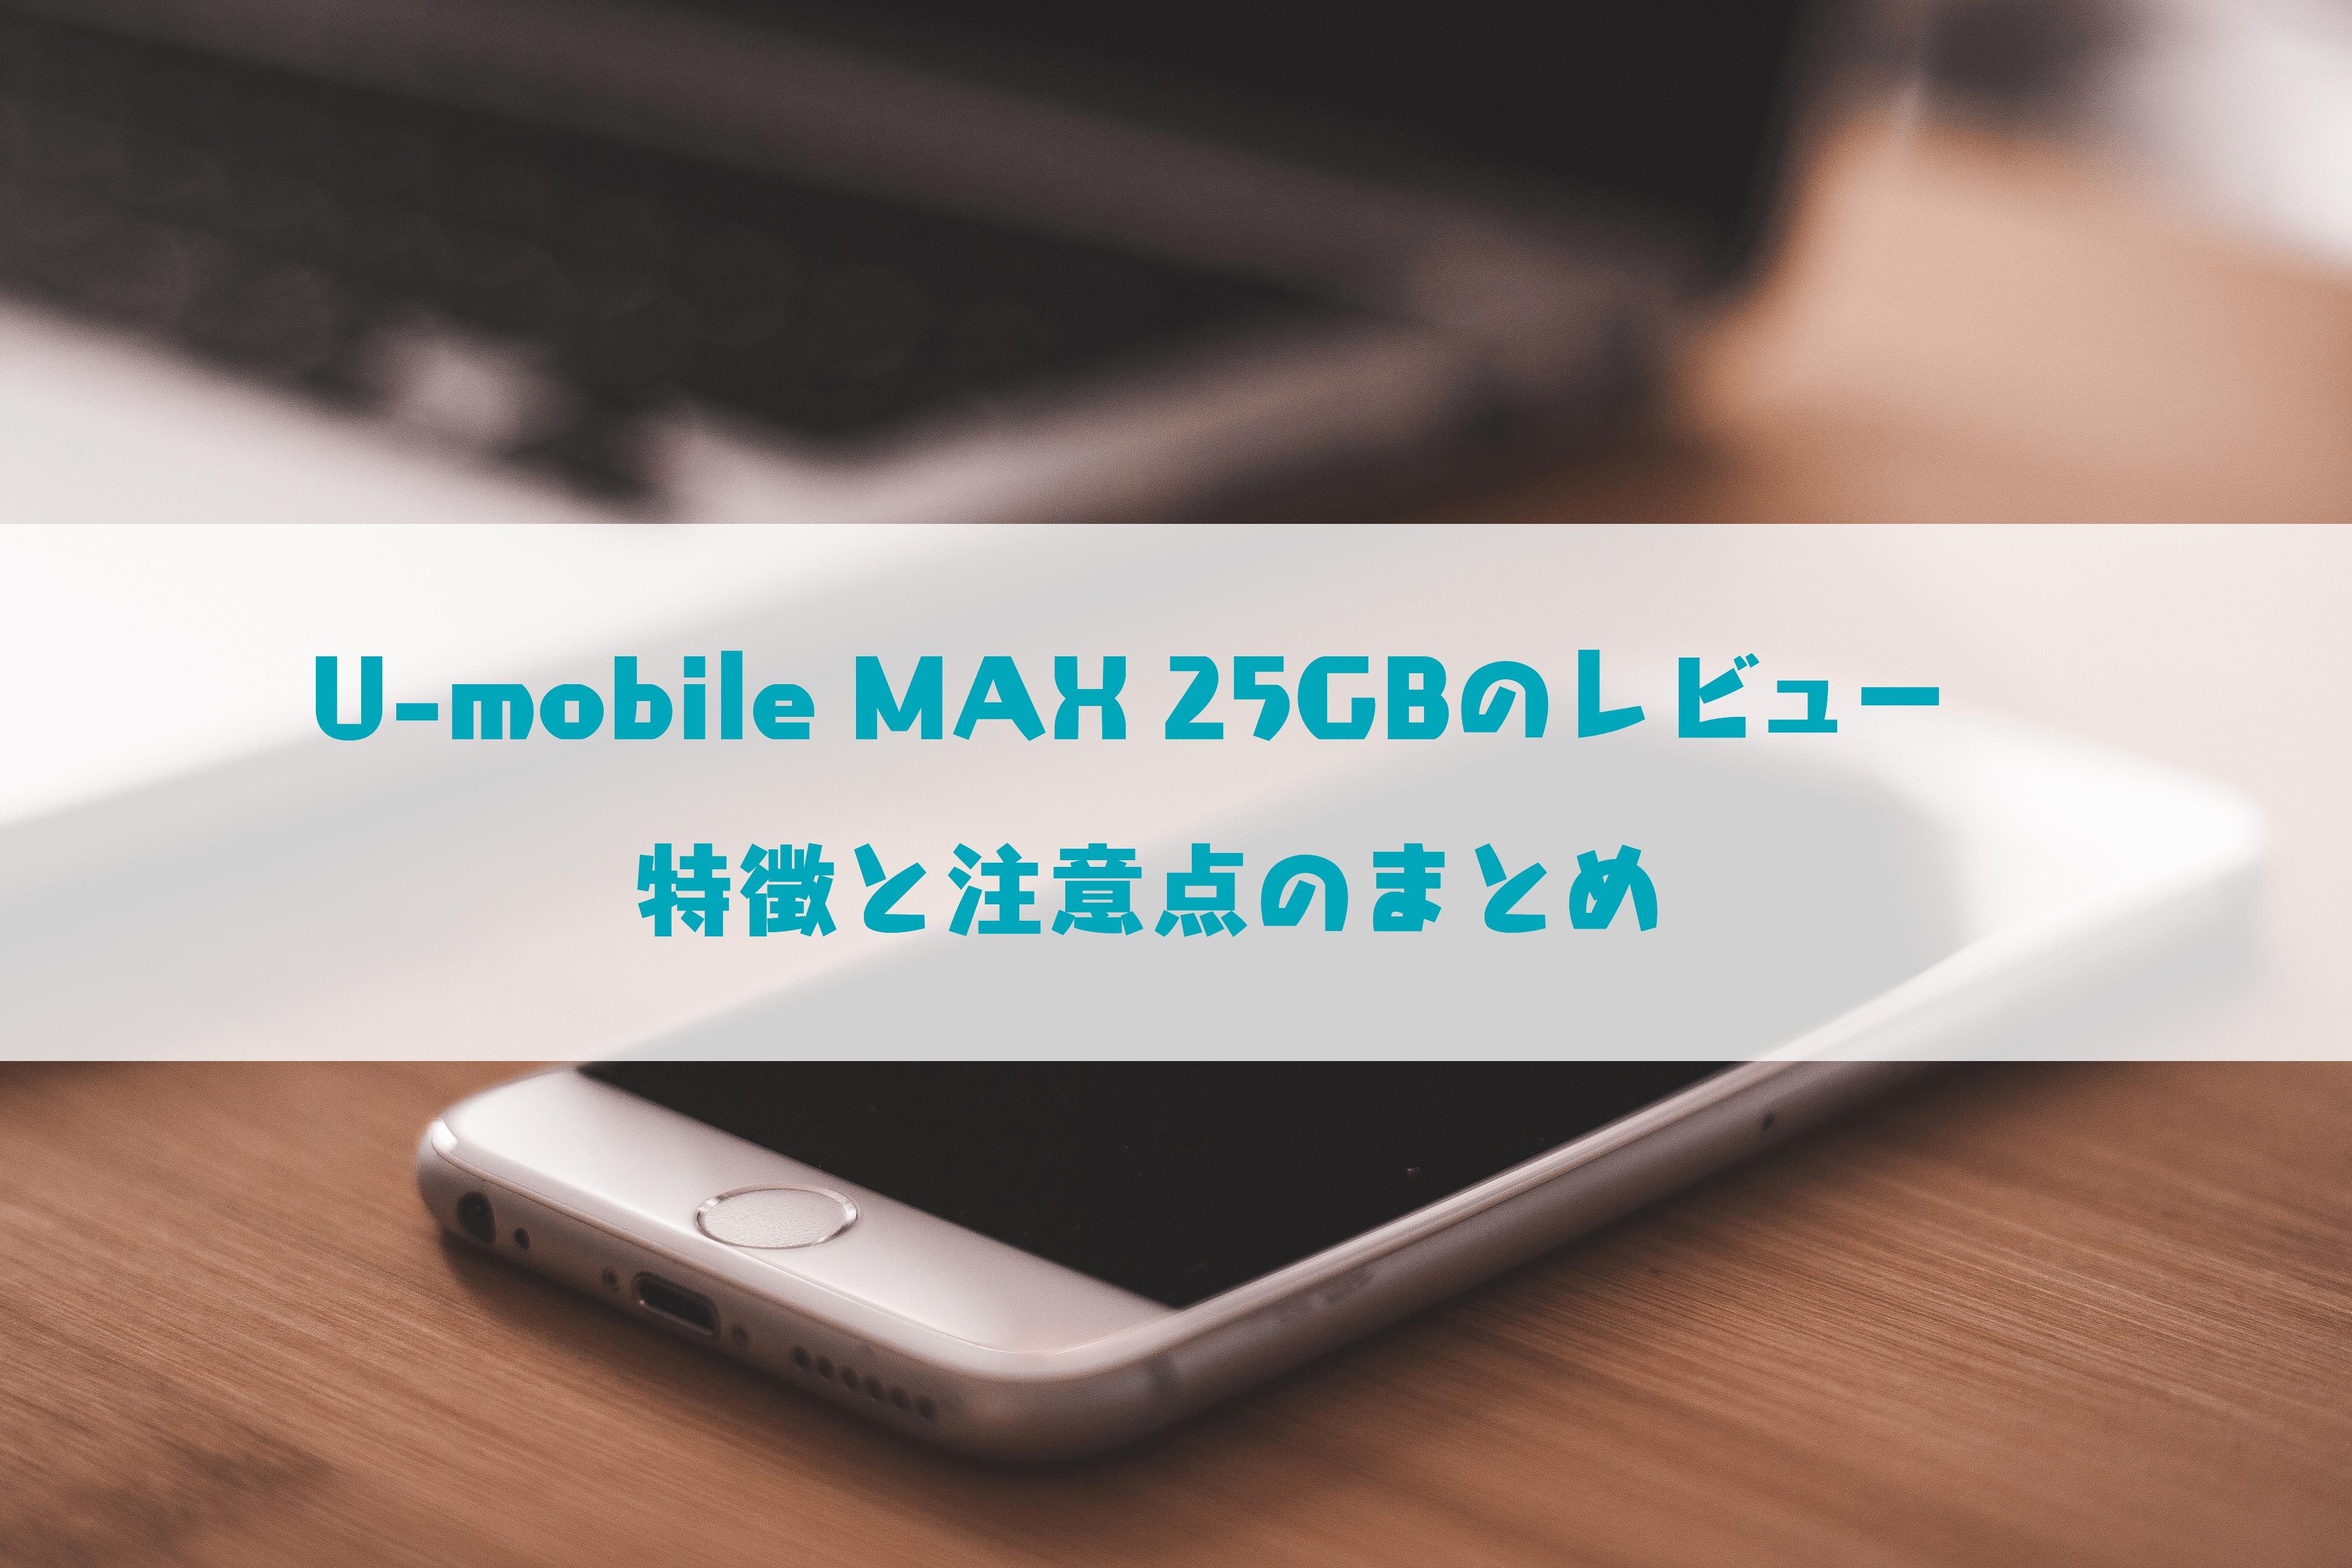 「U-mobile MAX 25GB」の詳細説明の記事のサムネイル画像